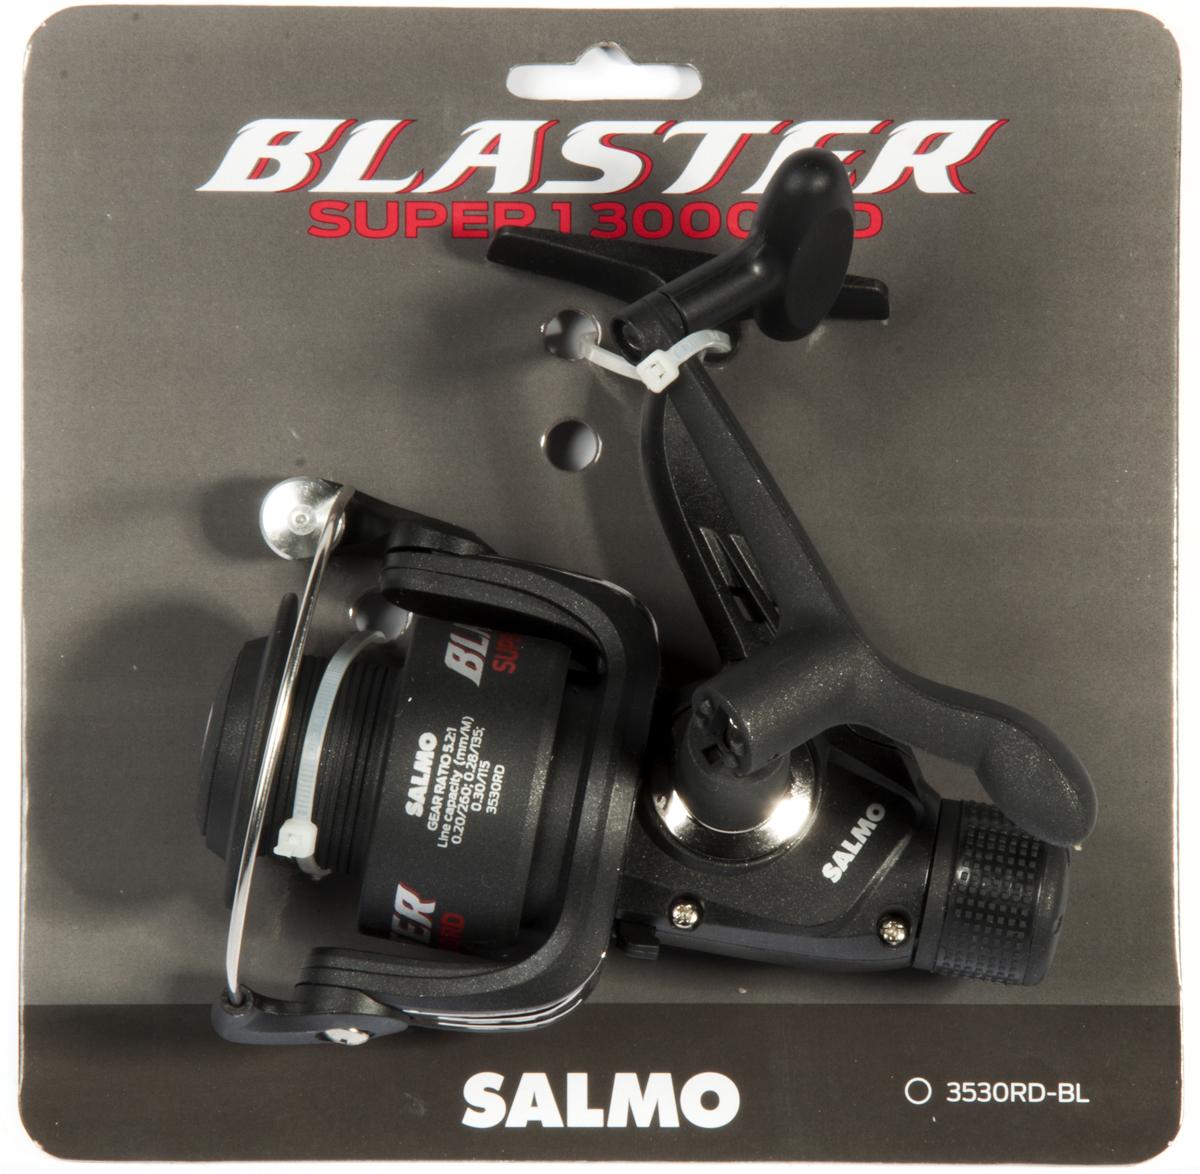 Катушка безынерционная Salmo Blaster SUPER 1 30RD, цвет: черный3530RD-BLБюджетная серия катушек BLASTER предназначена, в первую очередь, для начинающих рыболовов. Эти катушки могут с успехом использоваться у опытных рыболовов как резервные катушки или для комплектации поплавочных удилищ и донных снастей. - Тормоз фрикционный задний RD - 1 подшипник шариковый - Включатель антиреверса флажковый нижний - Корпус карбопластовый - Шпуля пластиковая (графитовая) - Рукоятка: - с винтовым типом фиксации - с возможностью право/левосторонней установки - Картонная подложка (для магазинов самообслуживания)